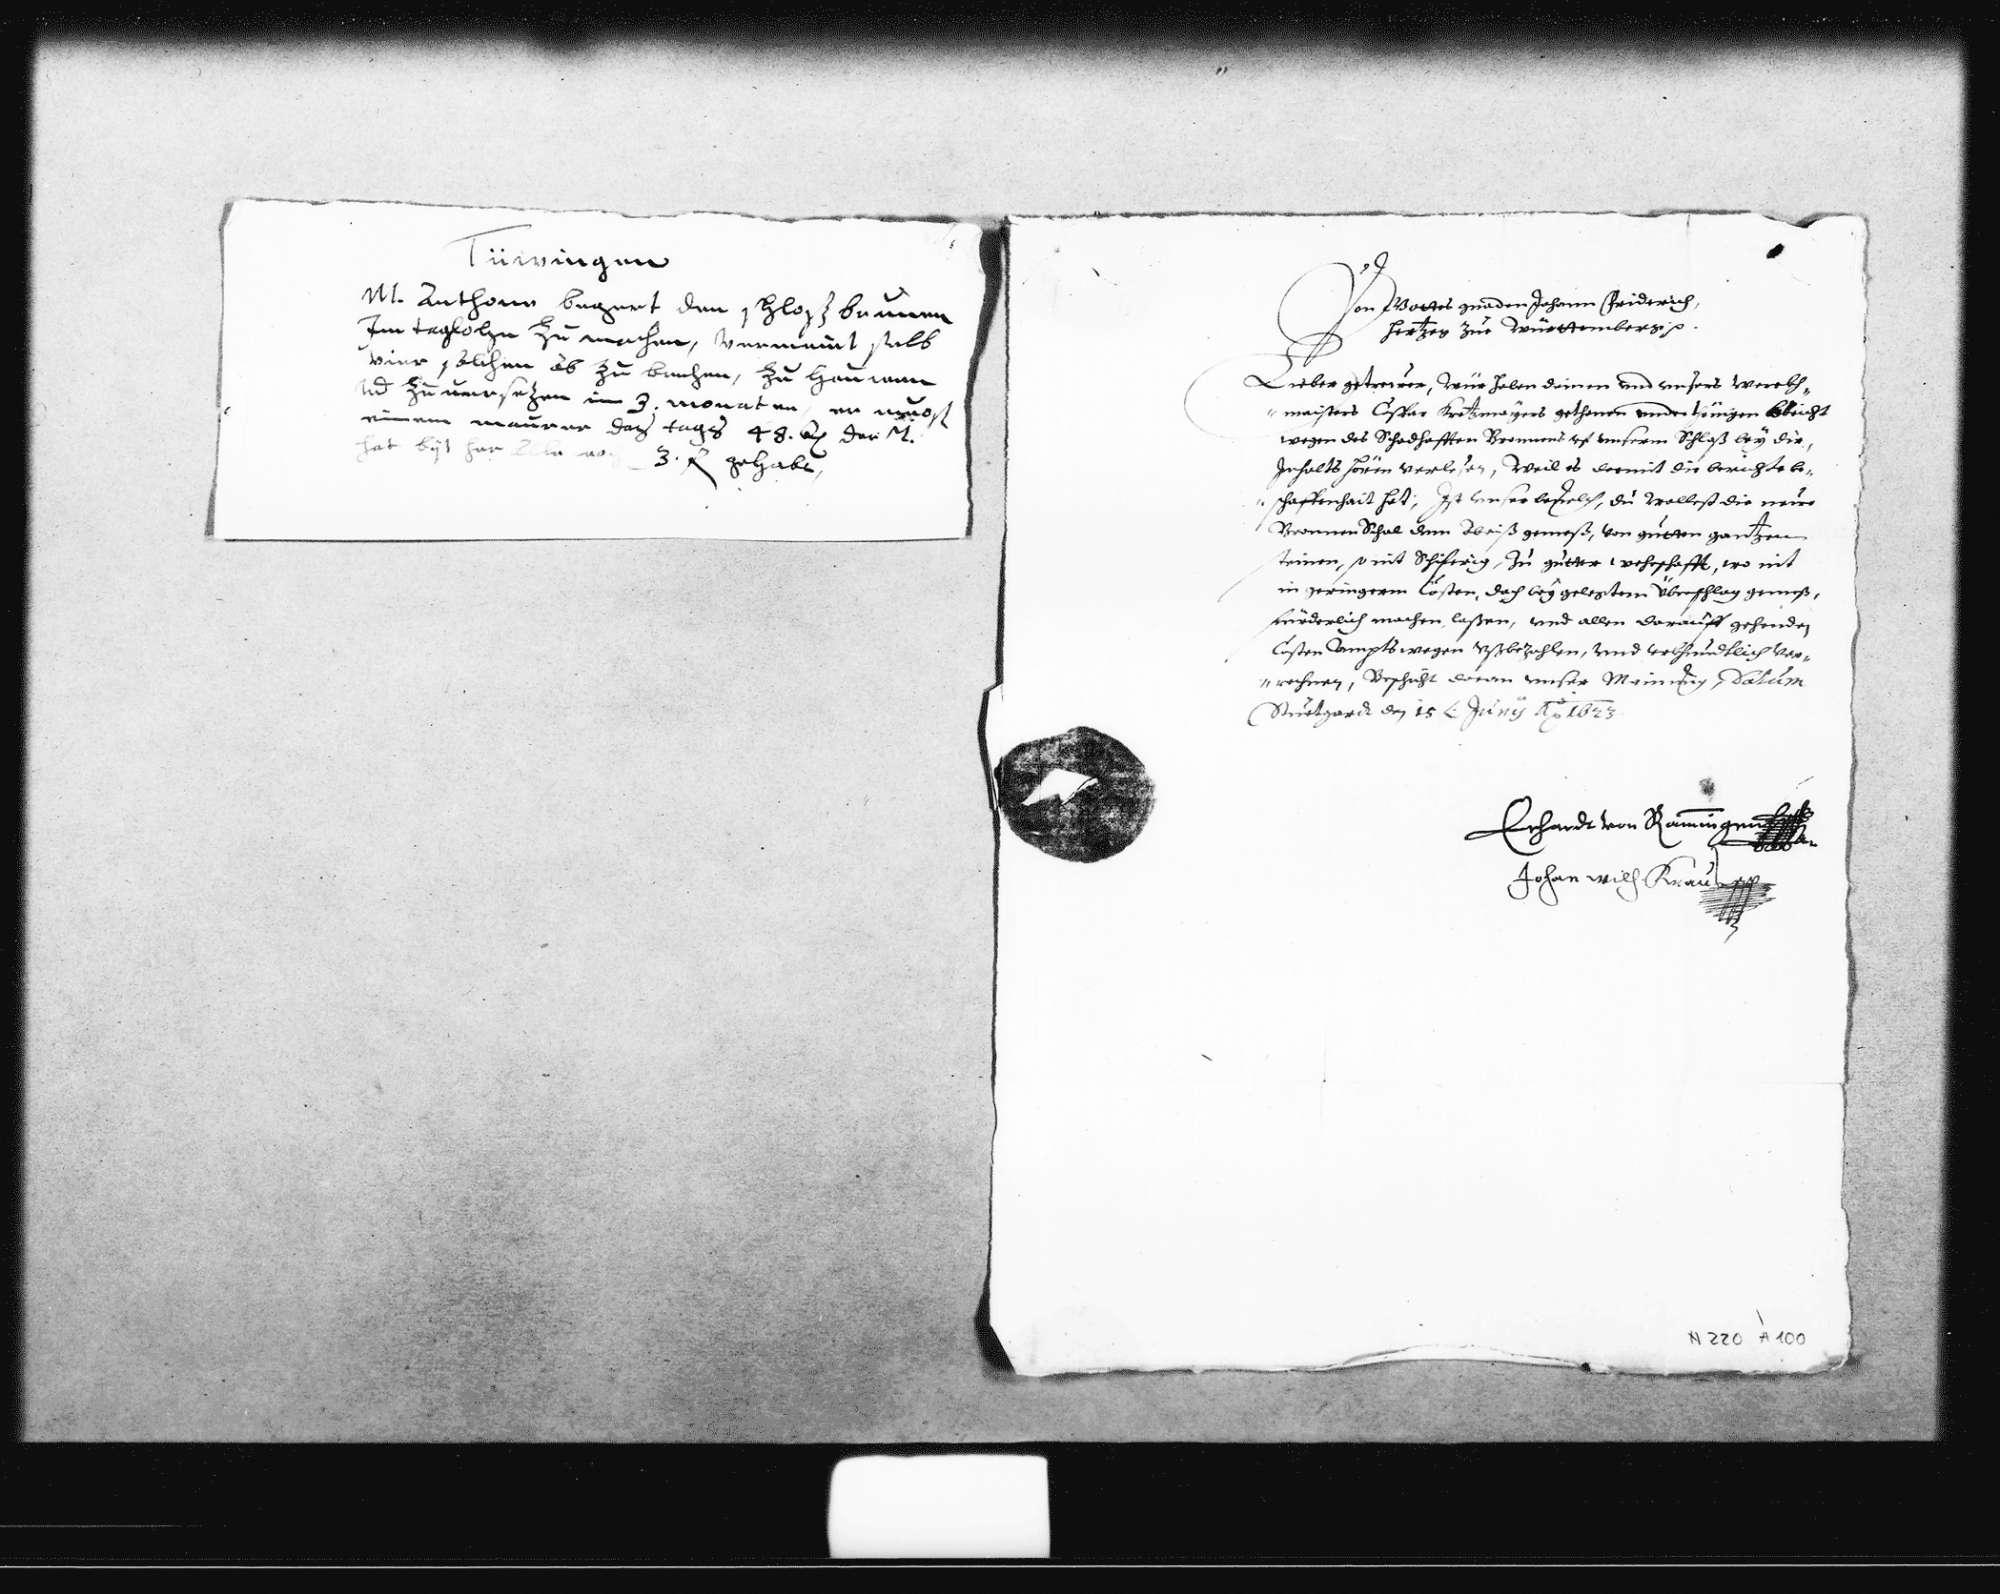 Schreiben des Herzogs Johann Friedrich an Philipp Eckhardt, Keller in Tübingen, über die Instandsetzung des Schlossbrunnens, Bild 1